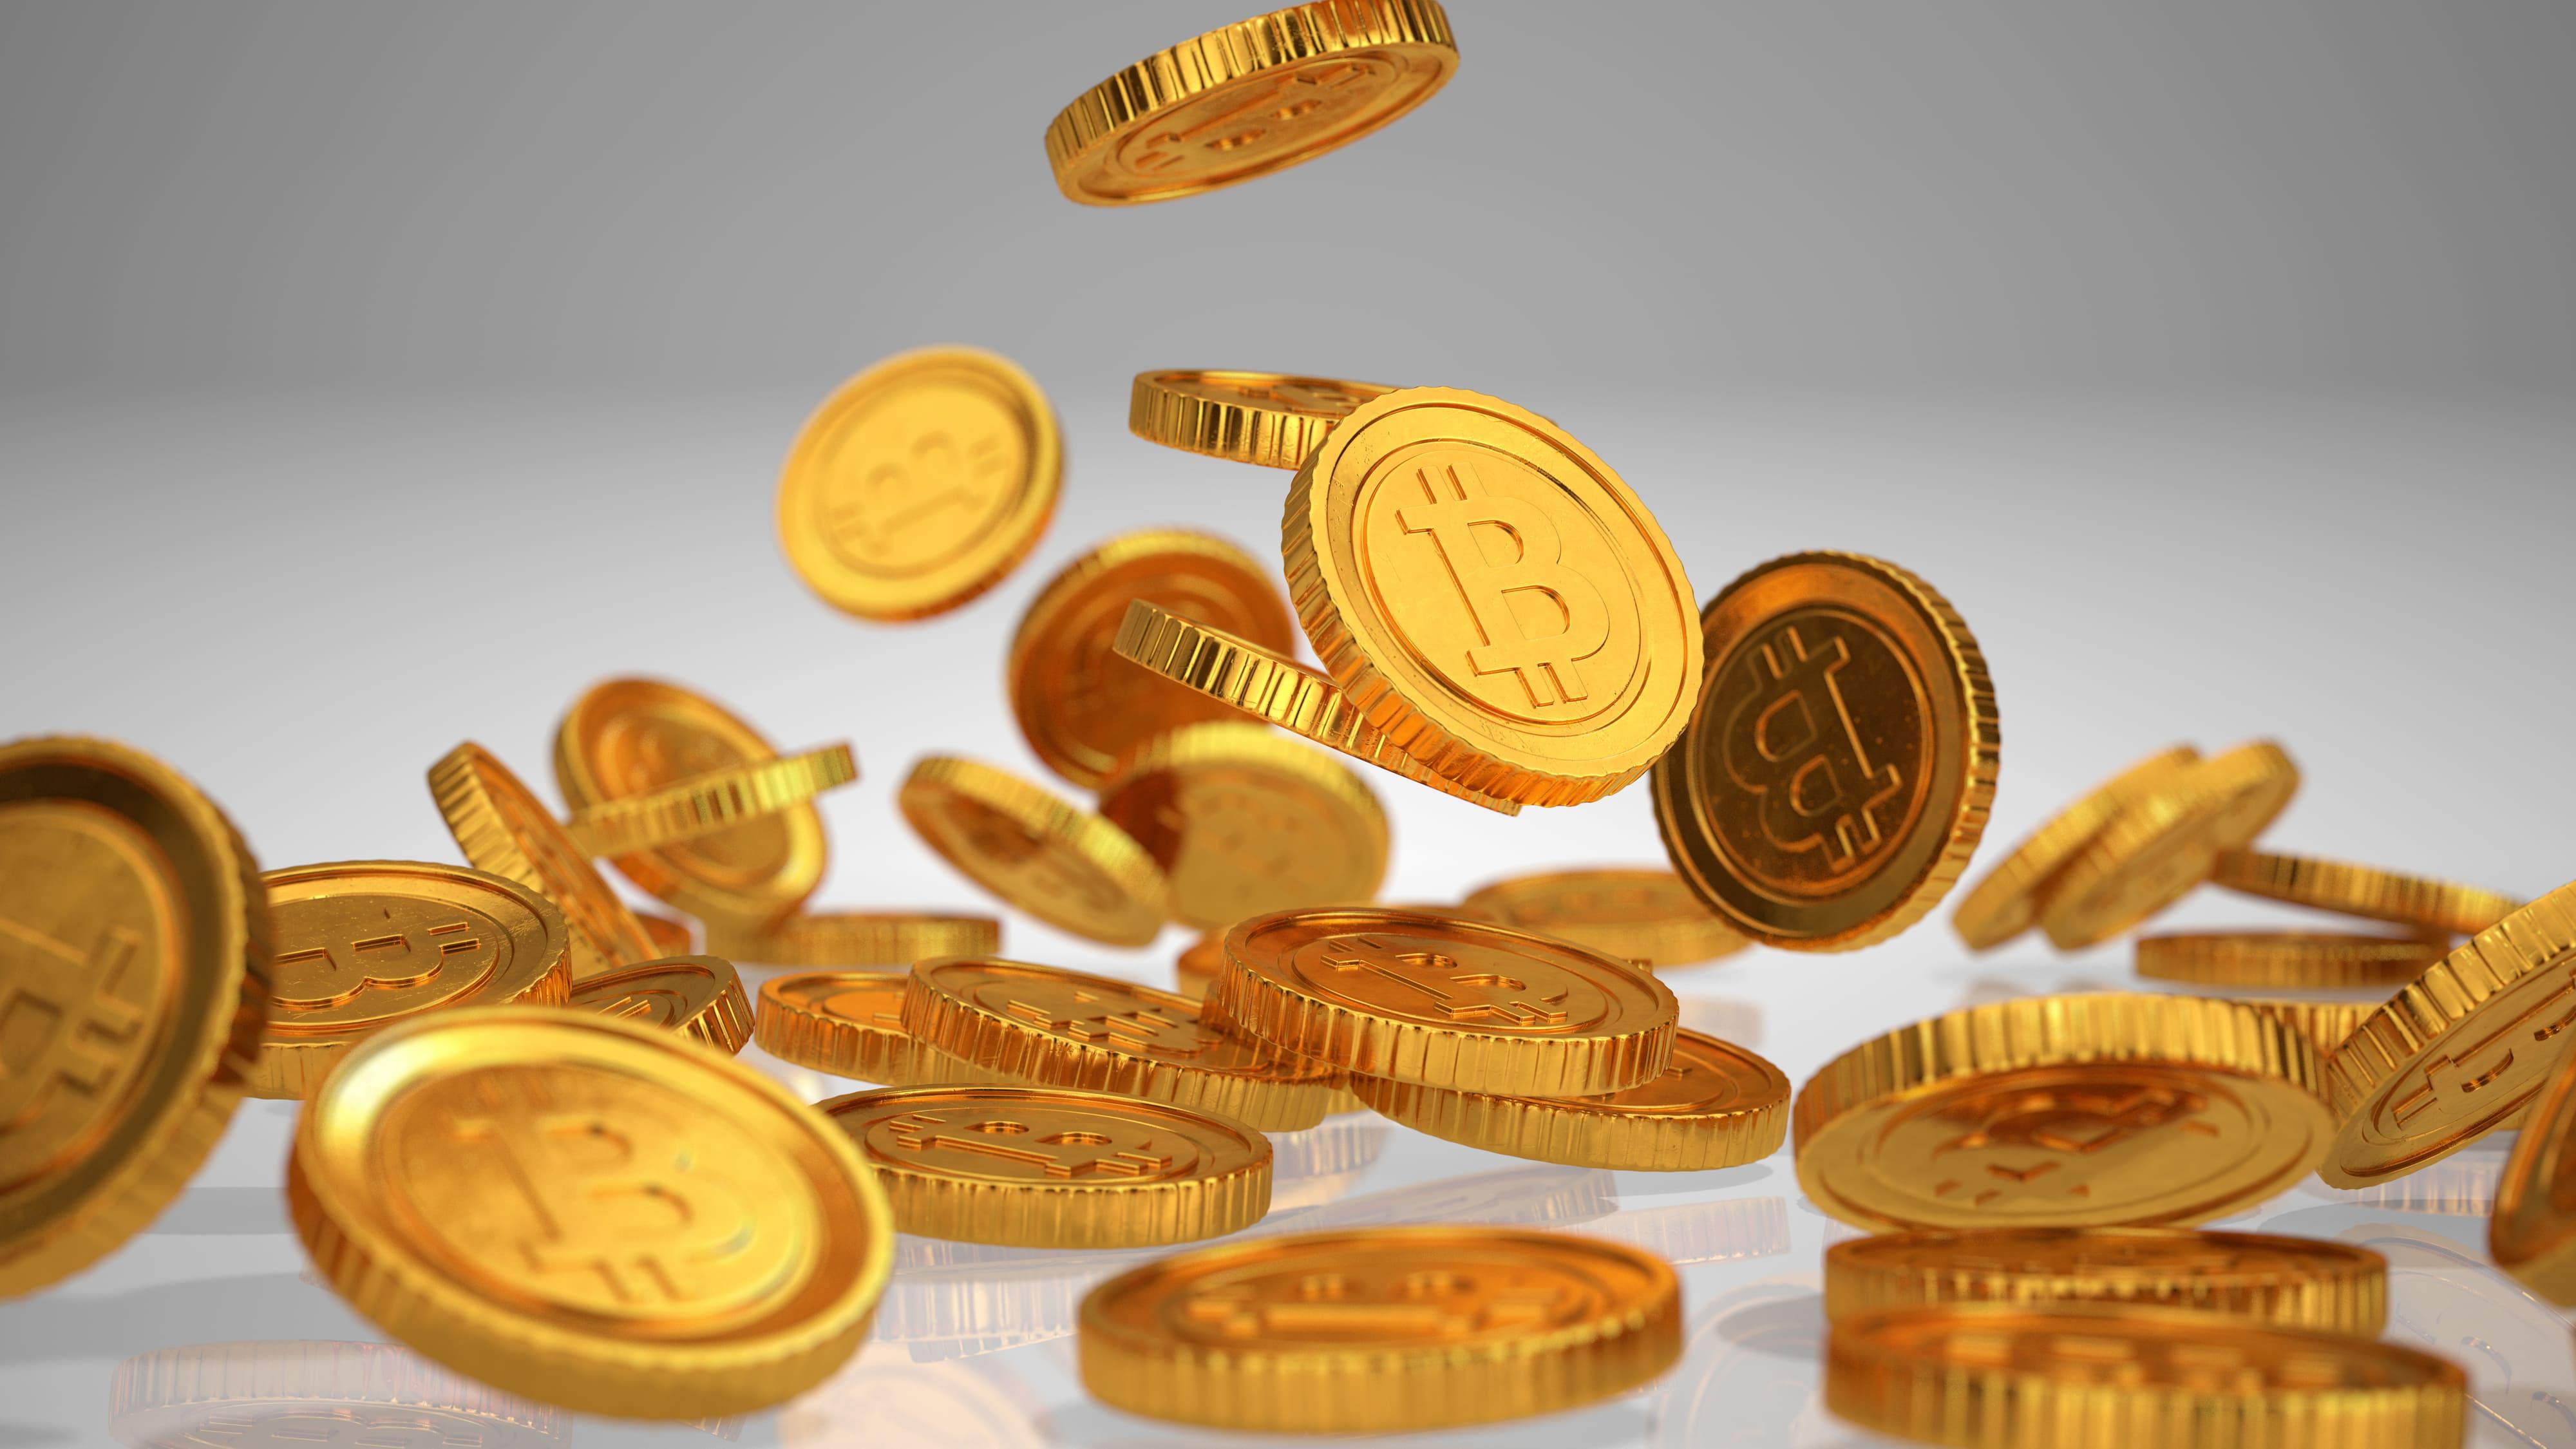 ビットコインのブロックサイズ問題や上限に達した場合について